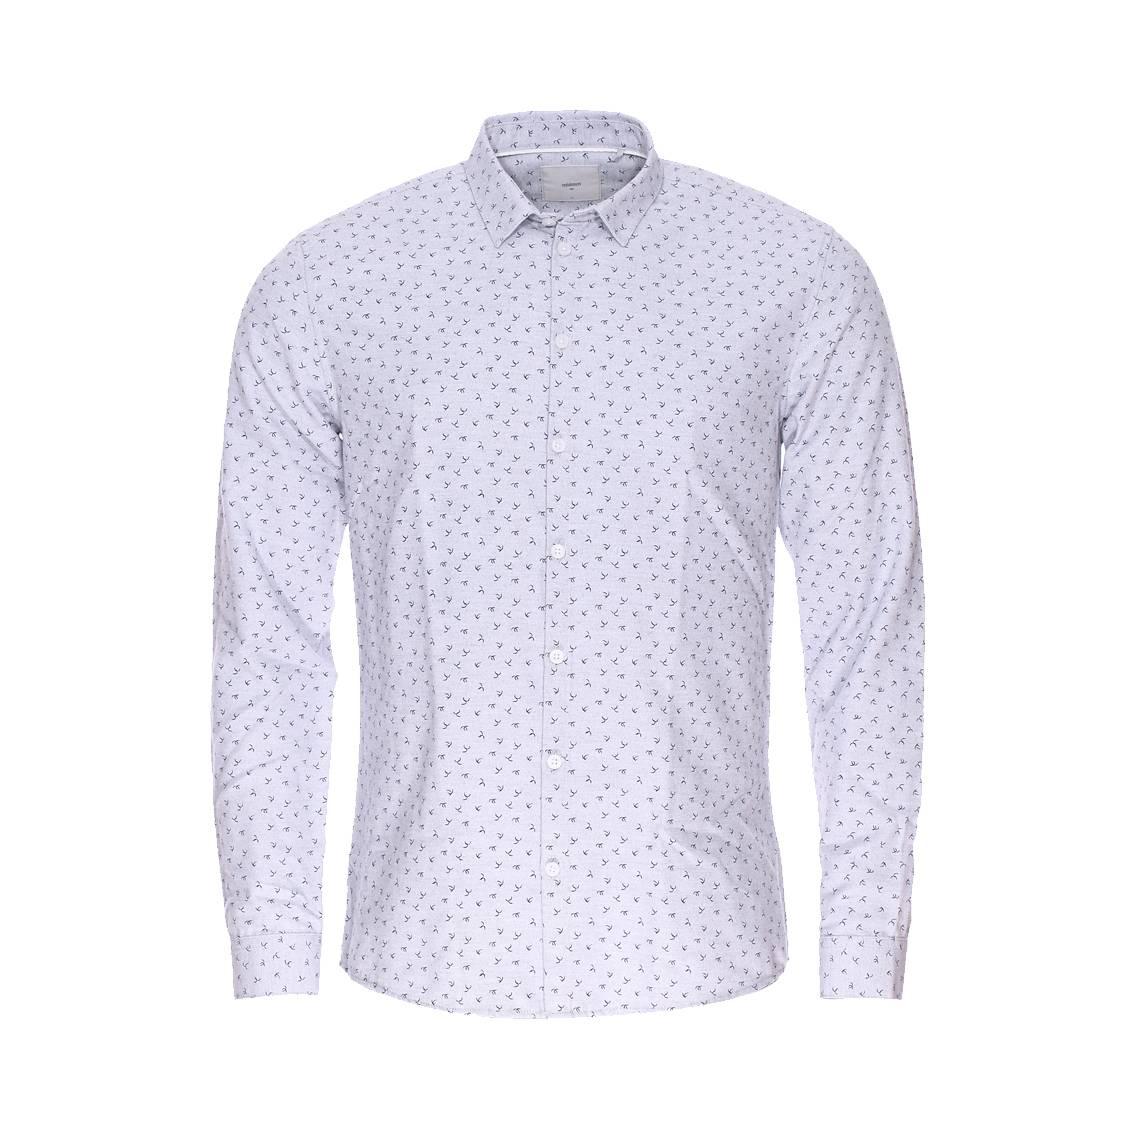 Chemise ajustée Minimum gris clair à petits motifs bleu marine